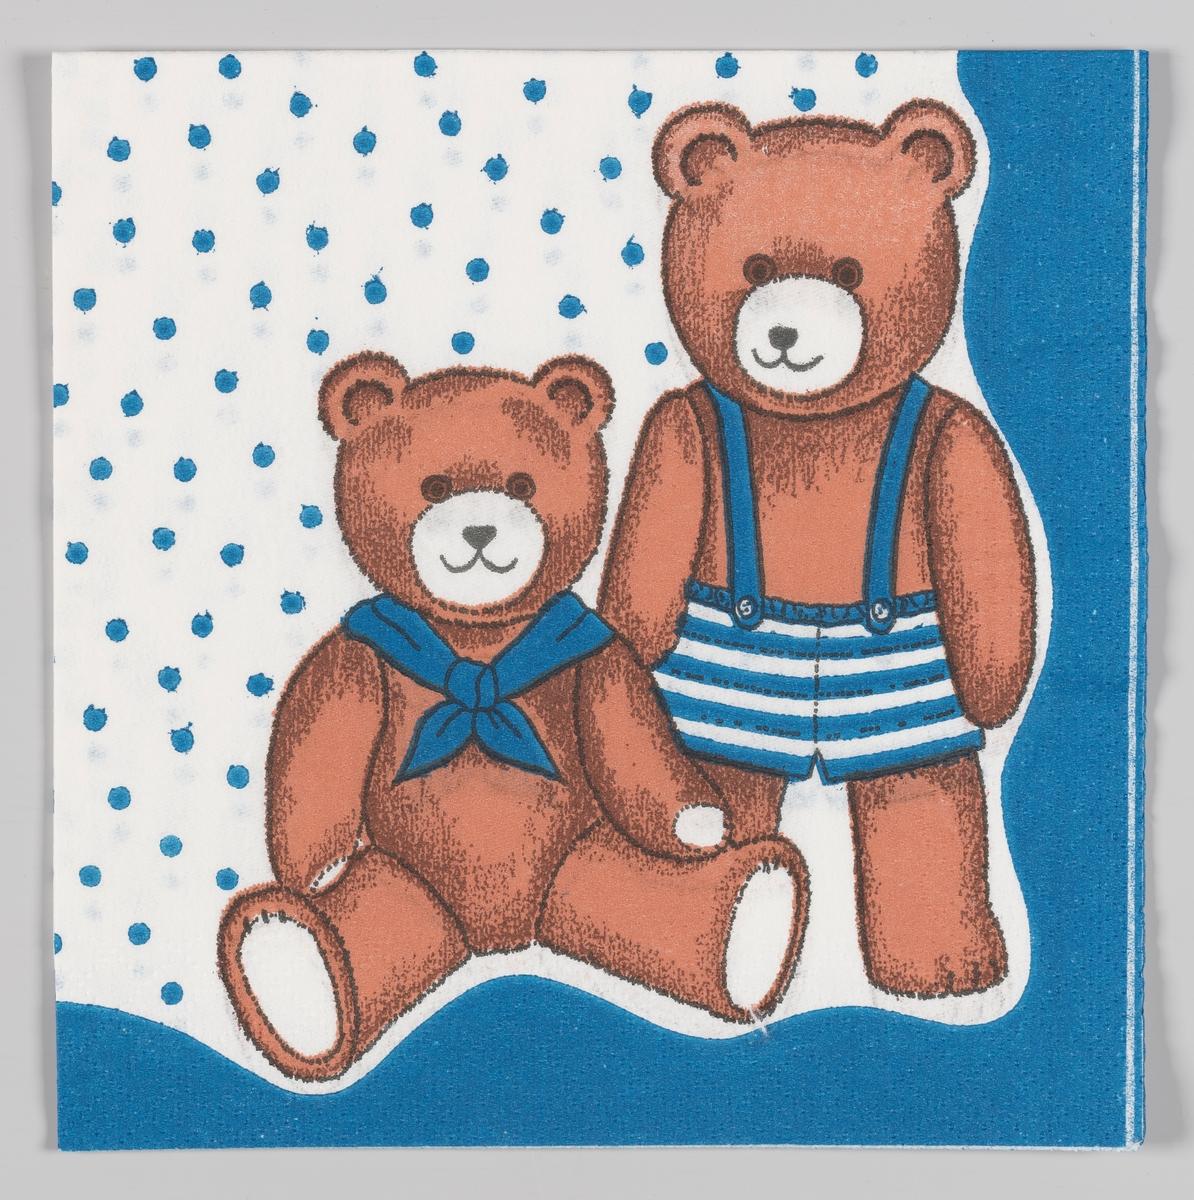 En sittende teddybjørn med halsklede og en stående teddybjørn med stripete korte bukser med seler.